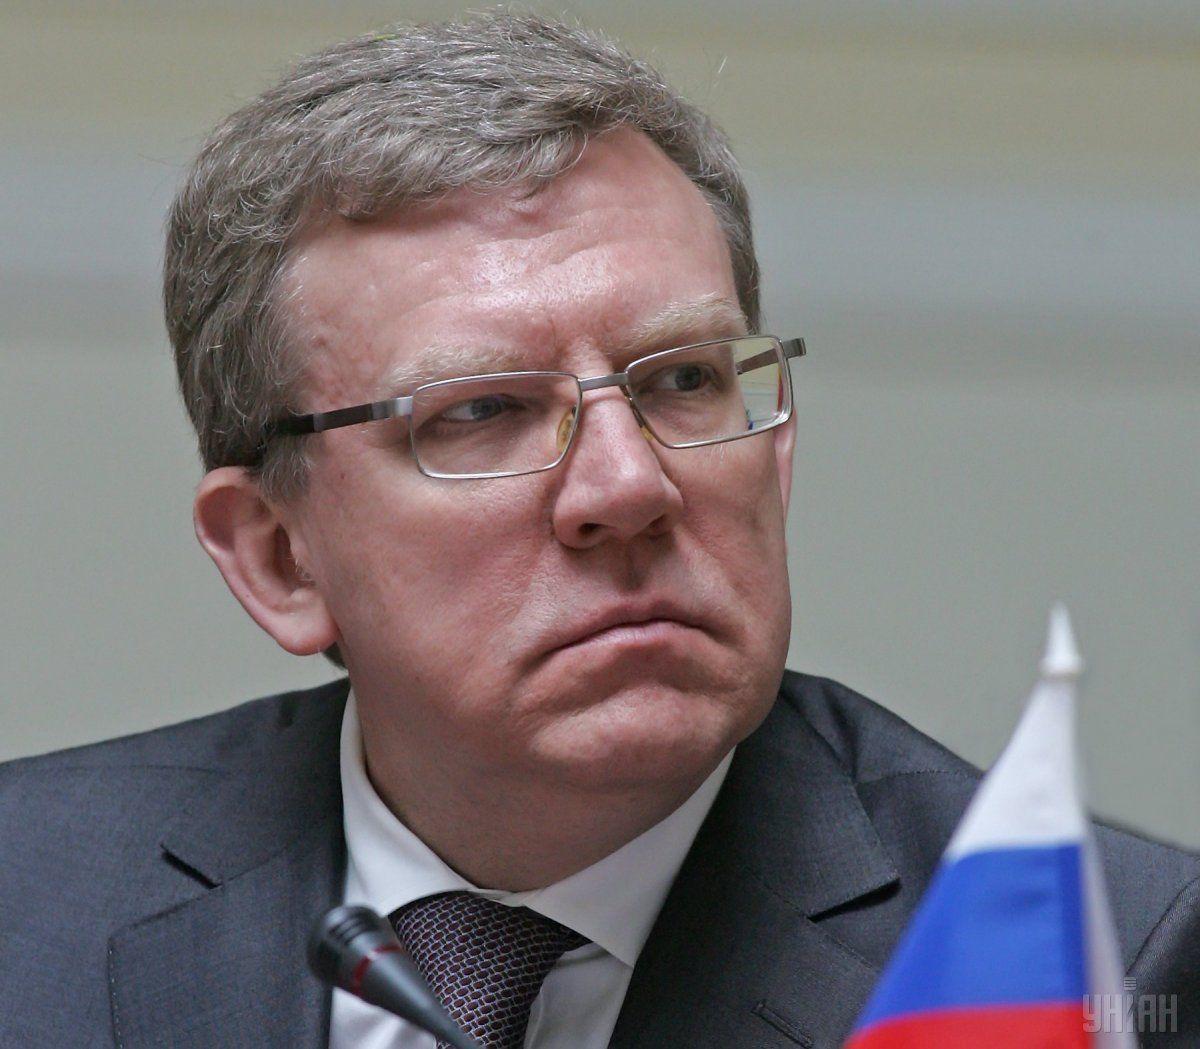 Кудрин считает, что армия не должна играть решающую роль в экономике страны / Фото УНИАН